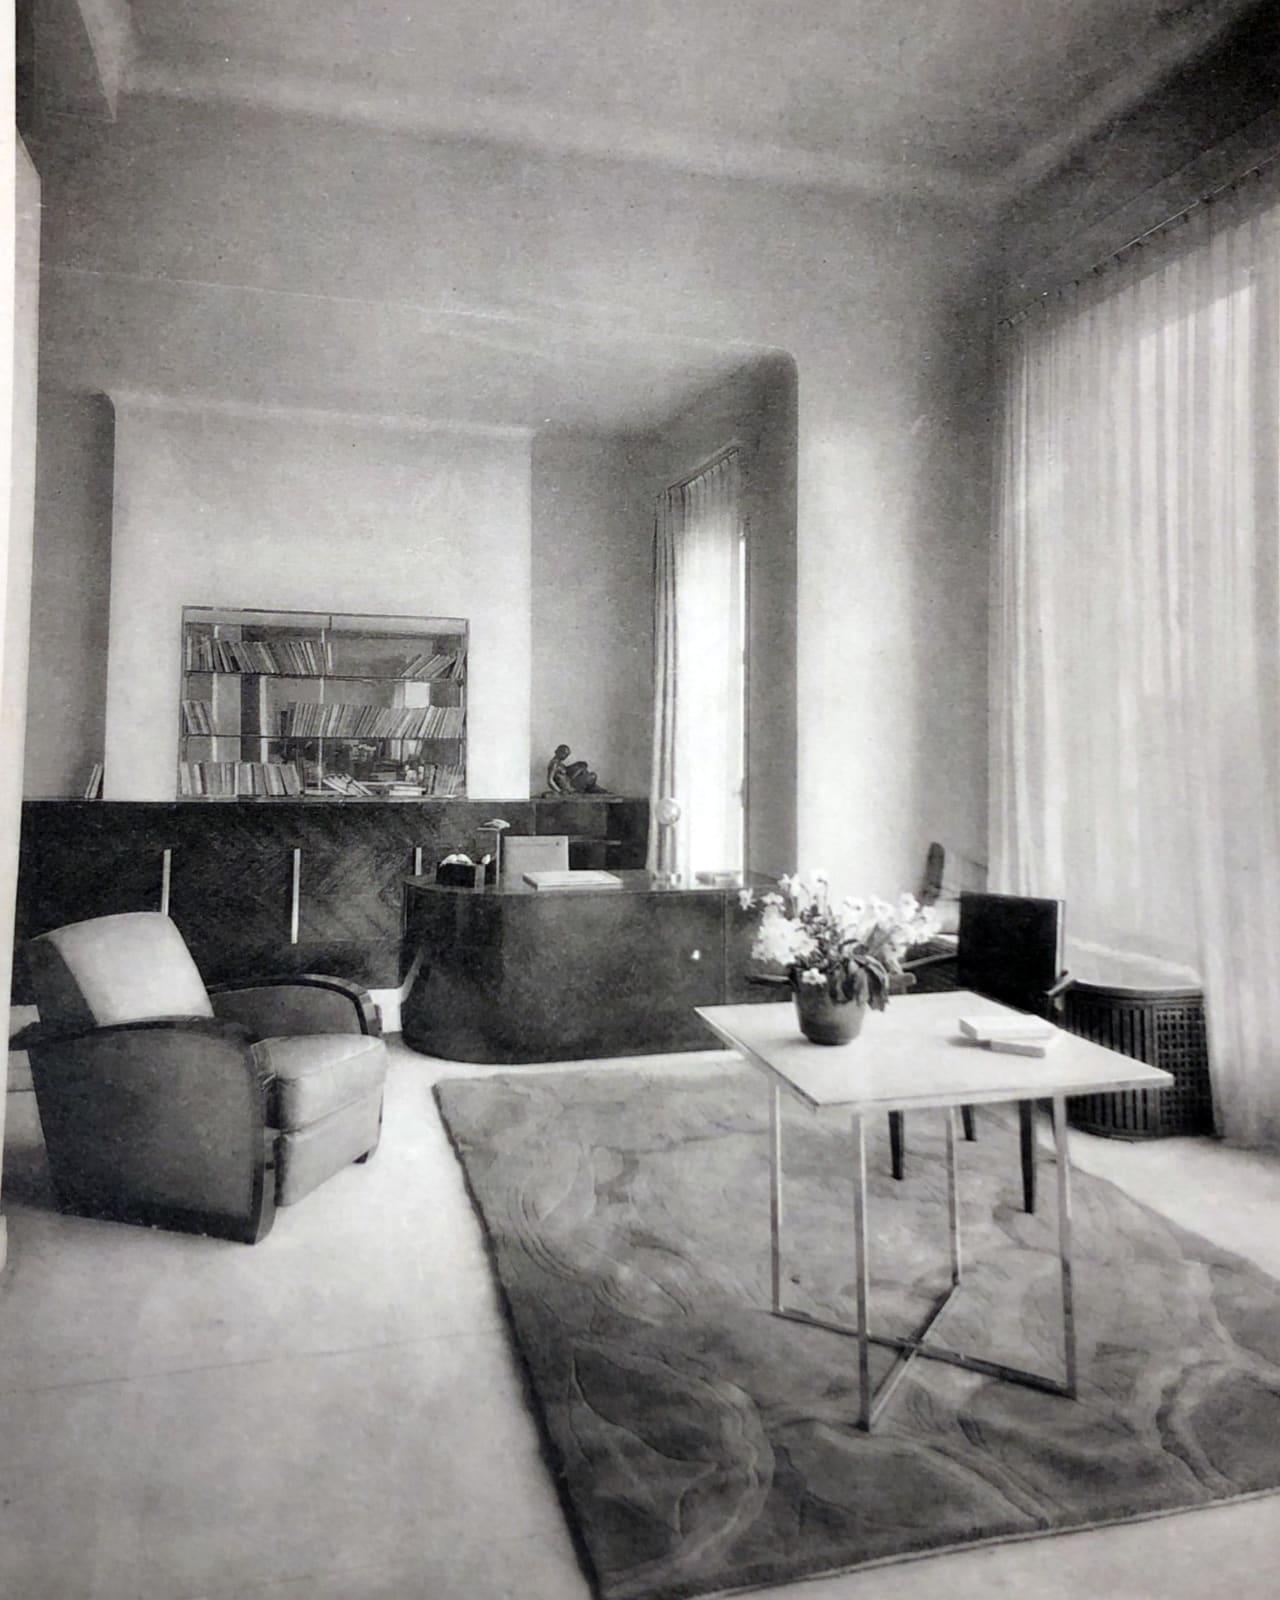 Maurice Dufrene & La Maîtrise des Galeries Lafayette. Paris, 1930